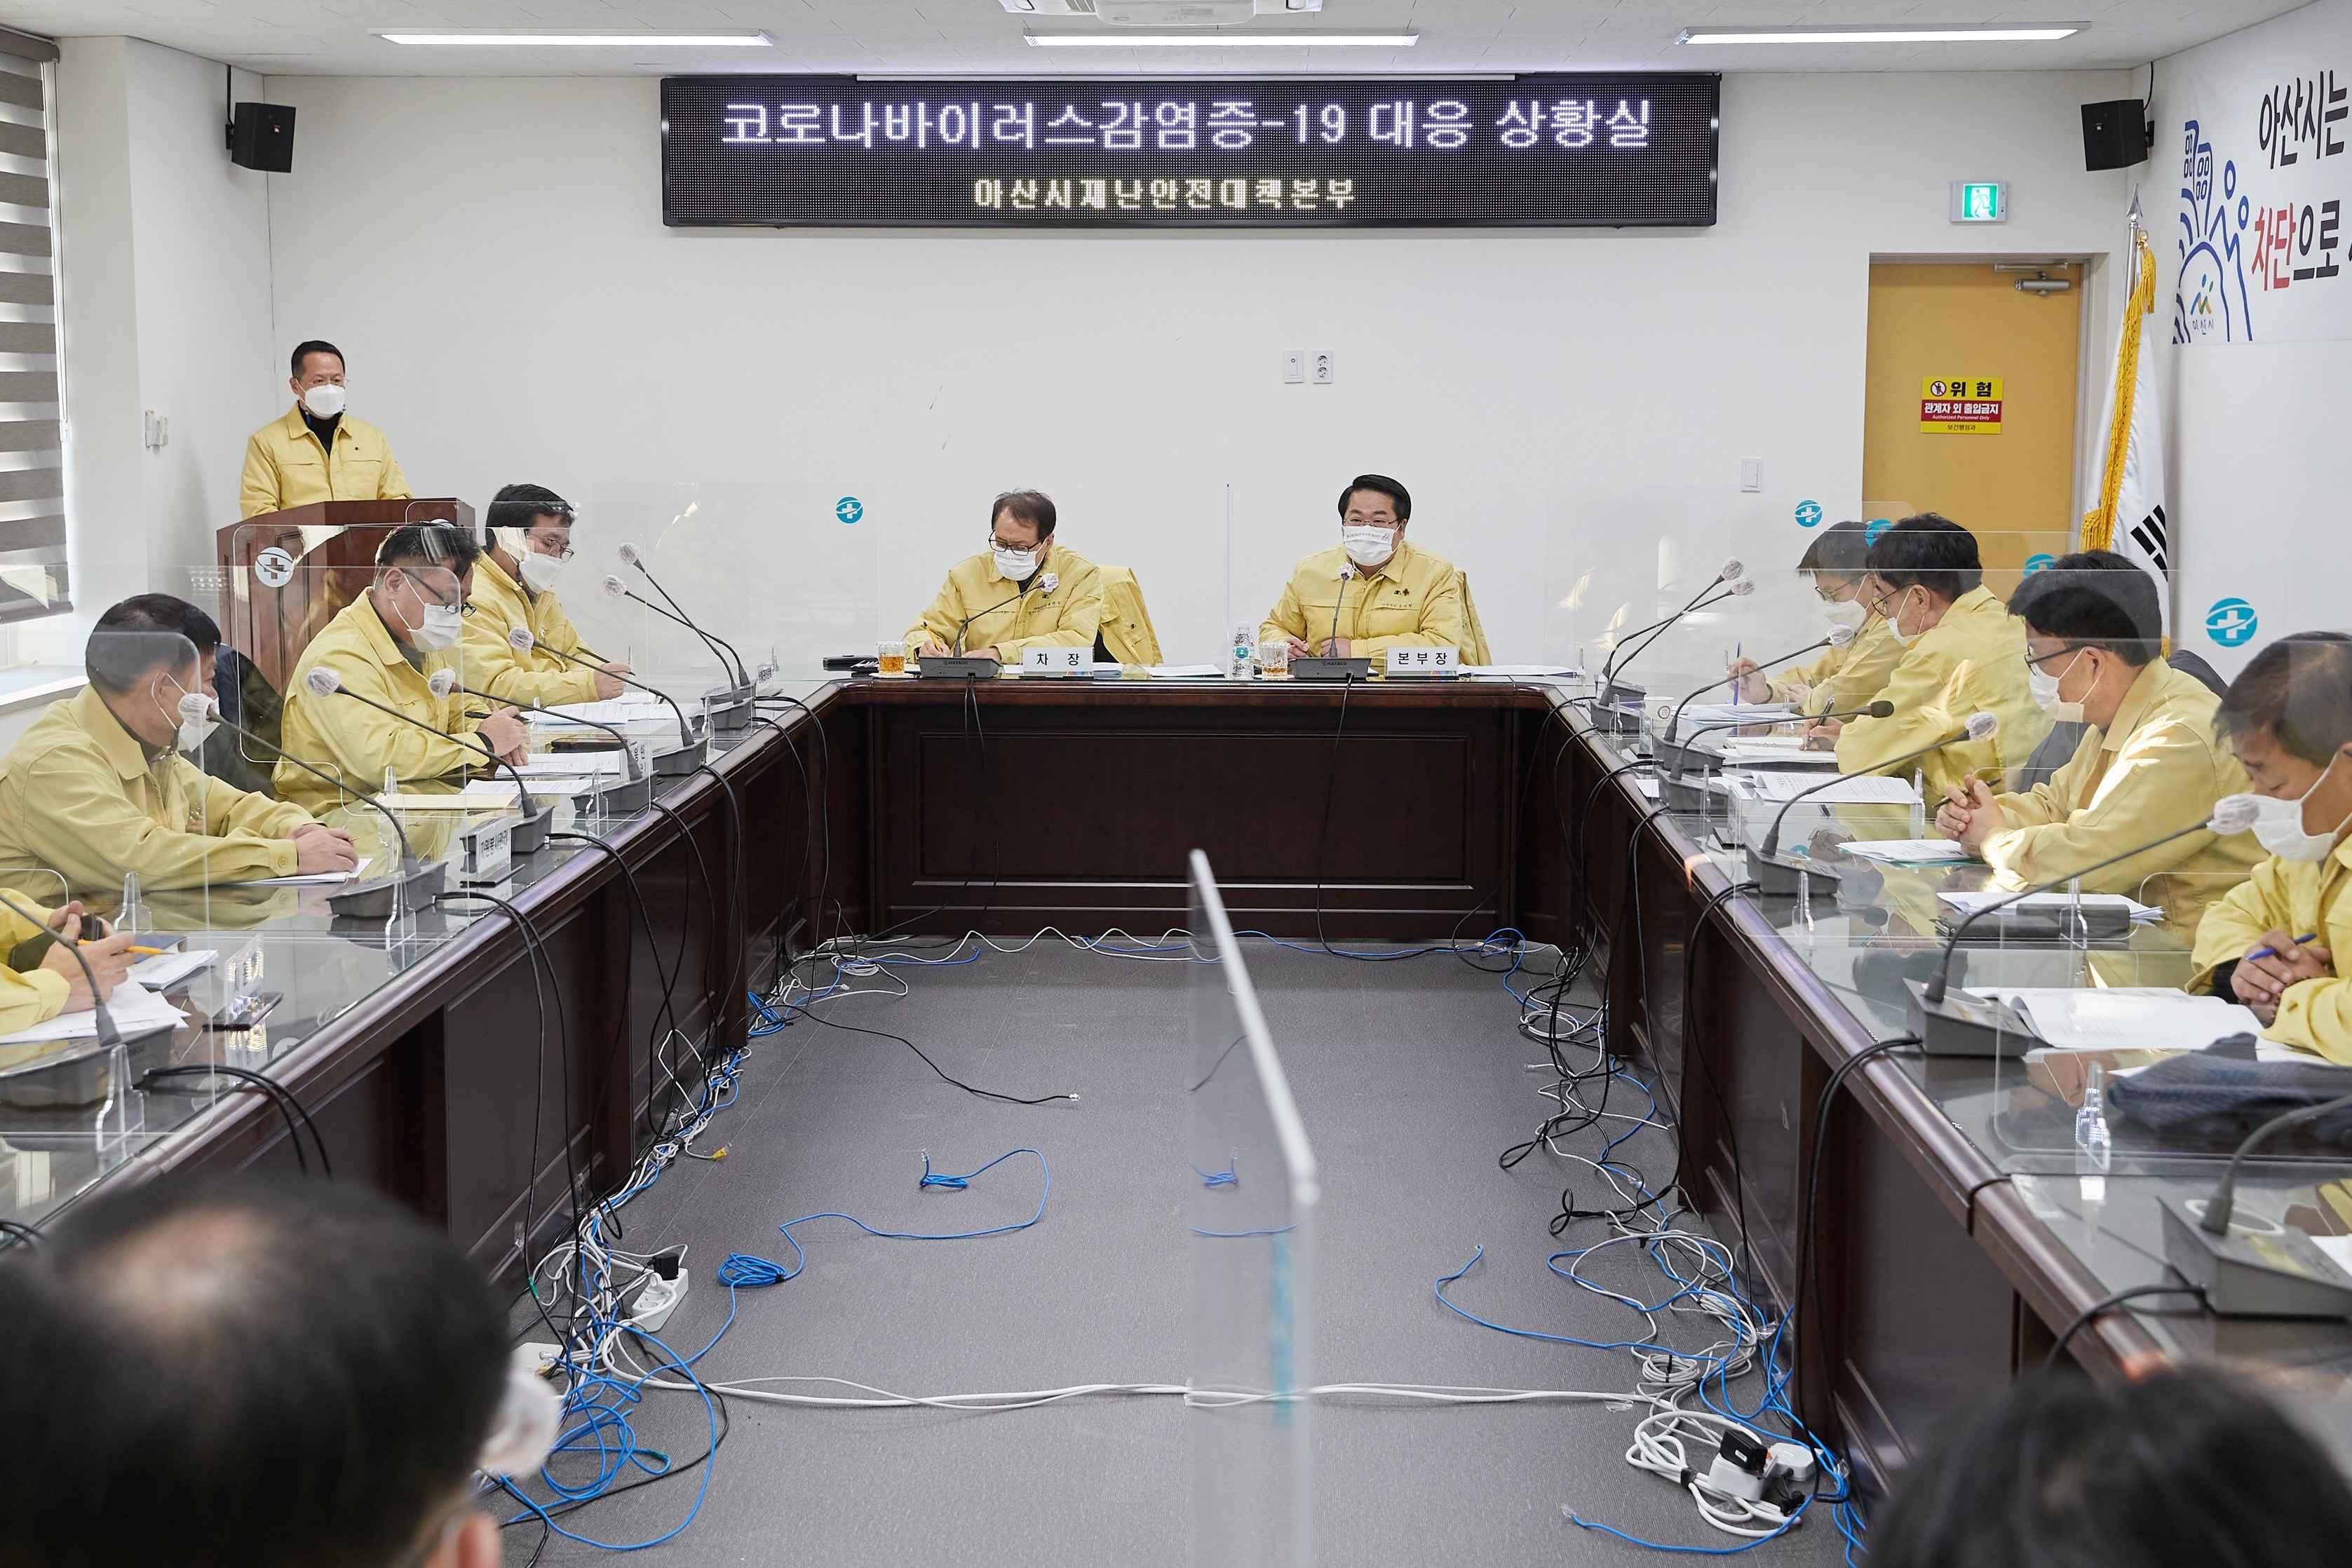 """오세현 시장 """"철저한 사전 준비로 코로나19 백신 도입 계획 신속 이행하자""""   관련사진"""